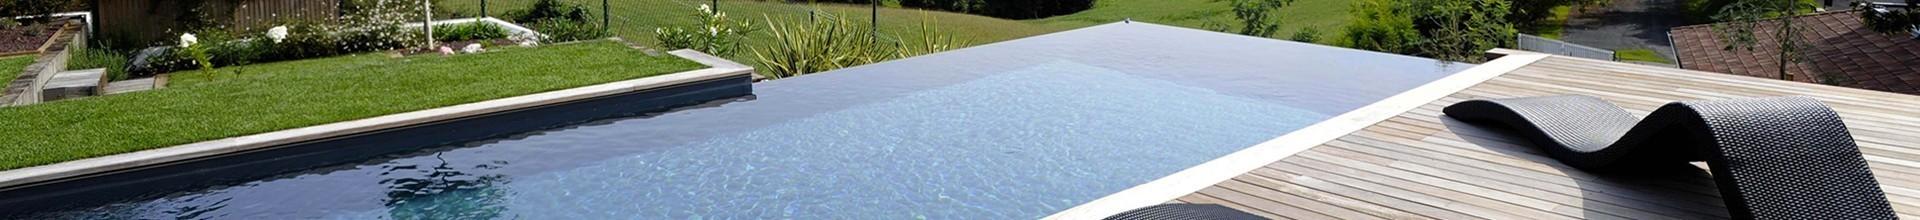 Direct usine, piscine coque prix Indre